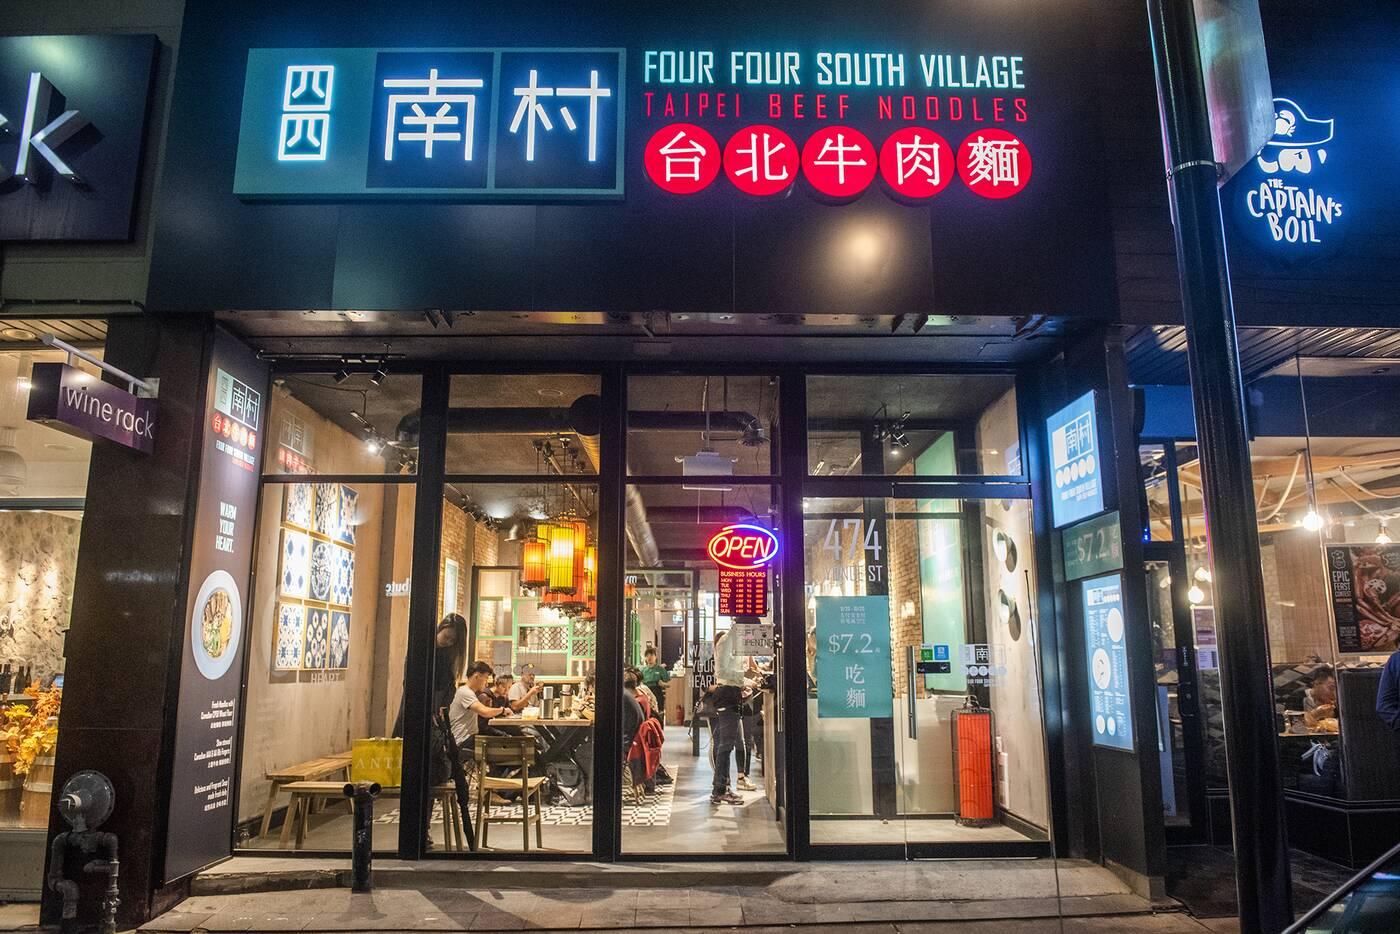 Four Four South Village Toronto